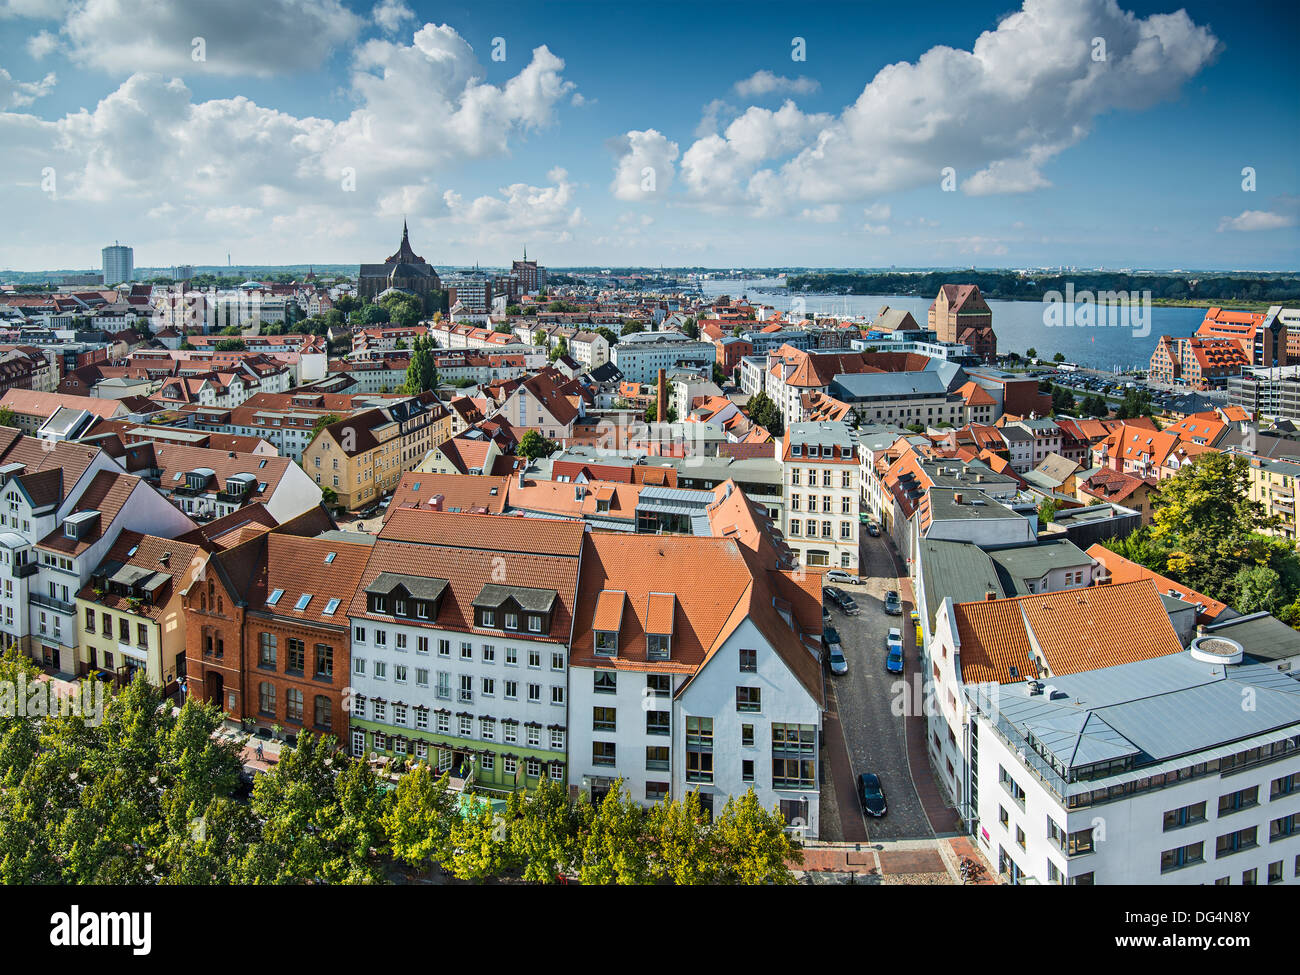 Skyline von Rostock, Deutschland. Stockbild